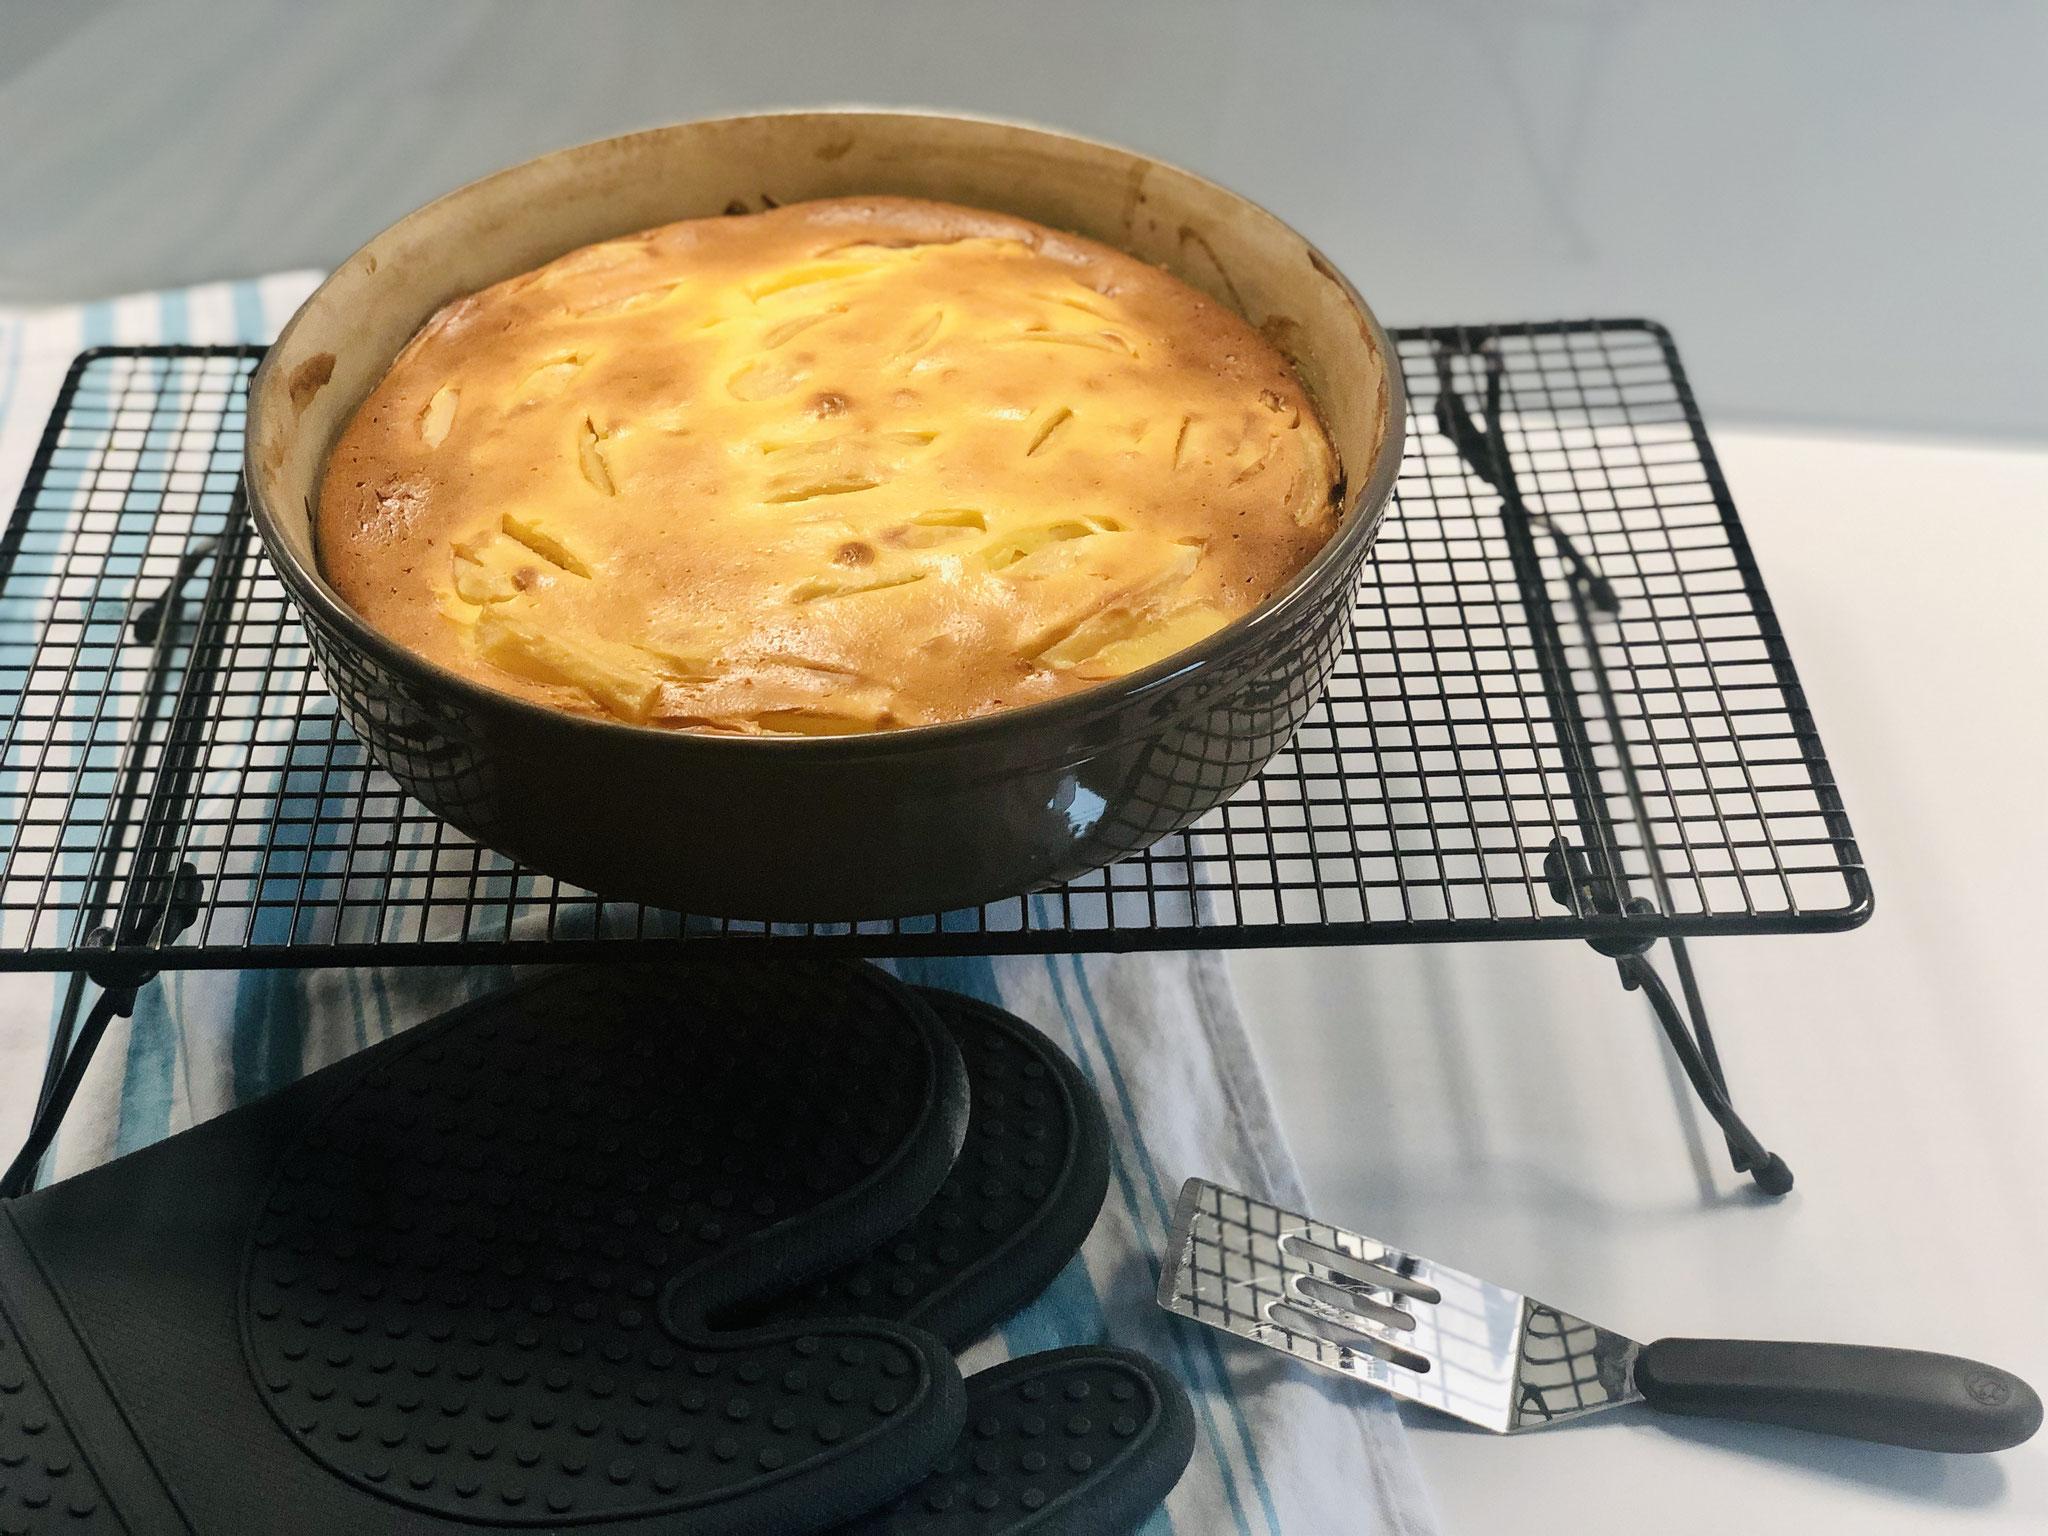 Nach dem backen die Kuchenform sofort auf das Kuchengitter von Pampered Chef stellen und gut abkühlen lassen...